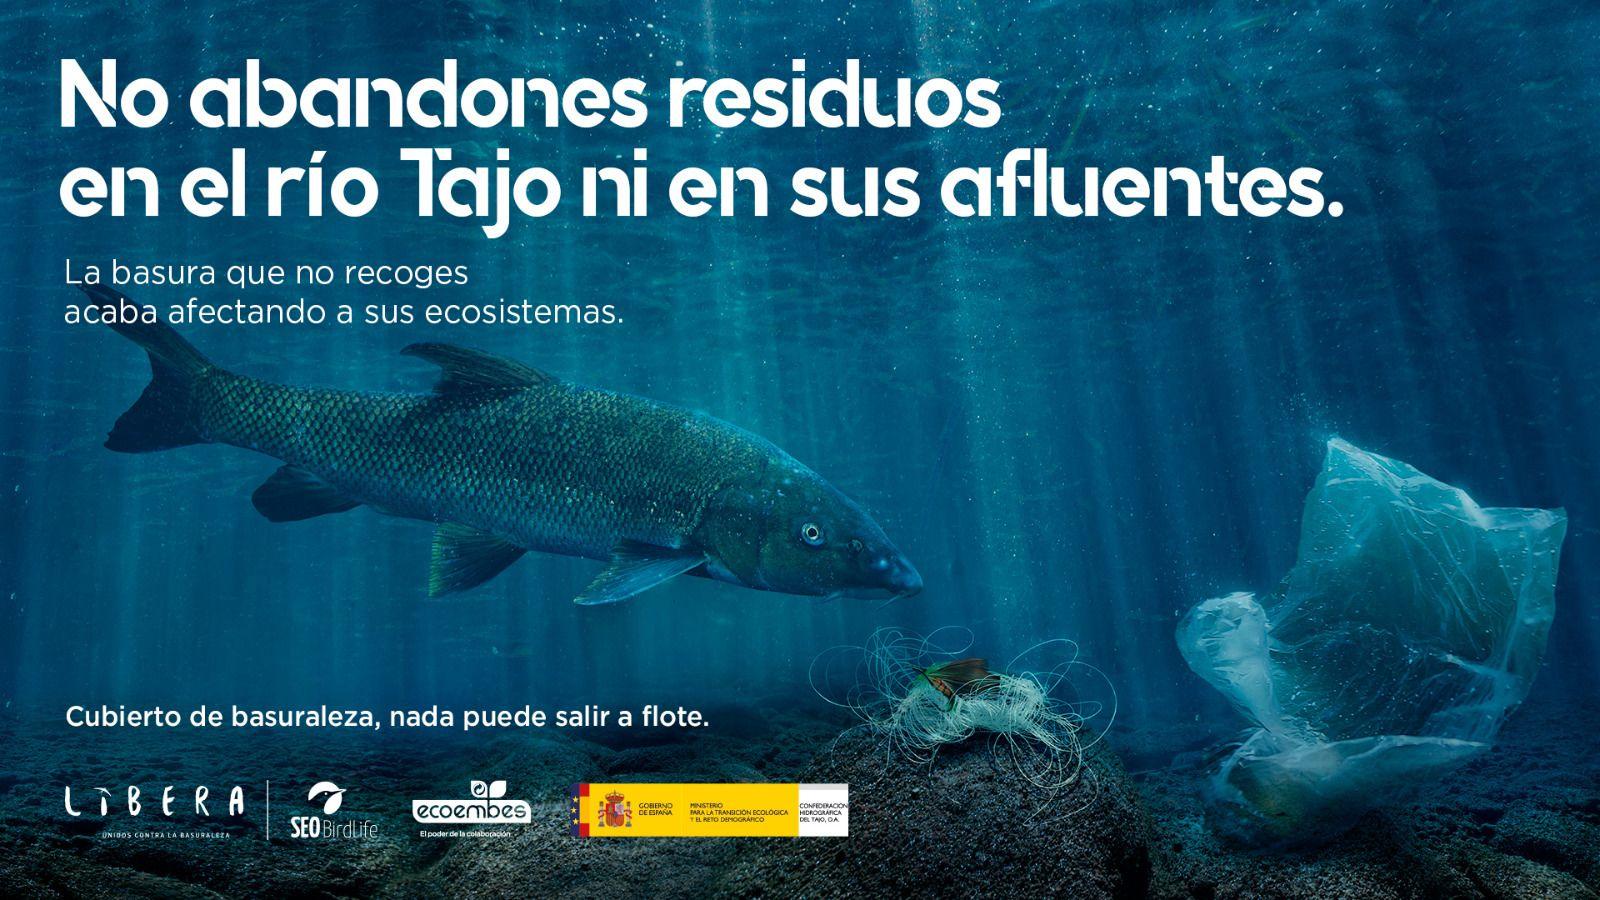 El Ayuntamiento de Talavera se suma al proyecto 'Libera' para luchar contra la 'basuraleza' en zonas como el entorno del río Tajo